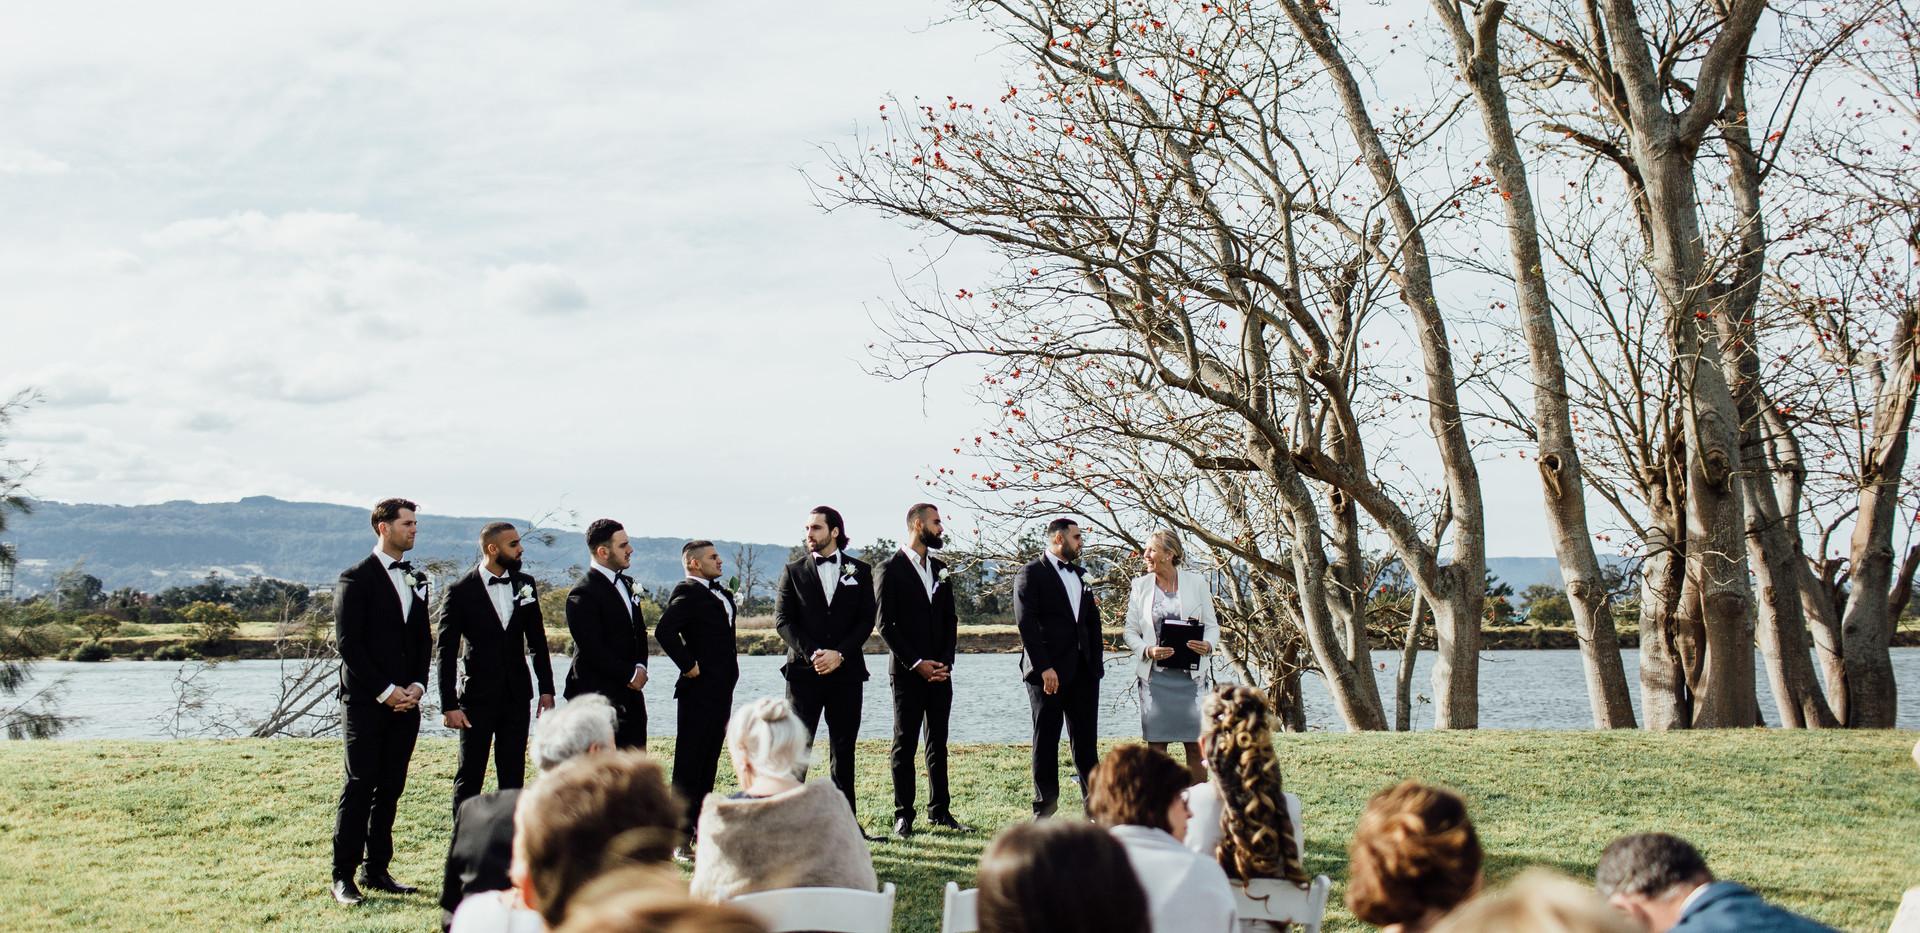 Ahmad&Carly-Wedding-HighRes-0279.jpg